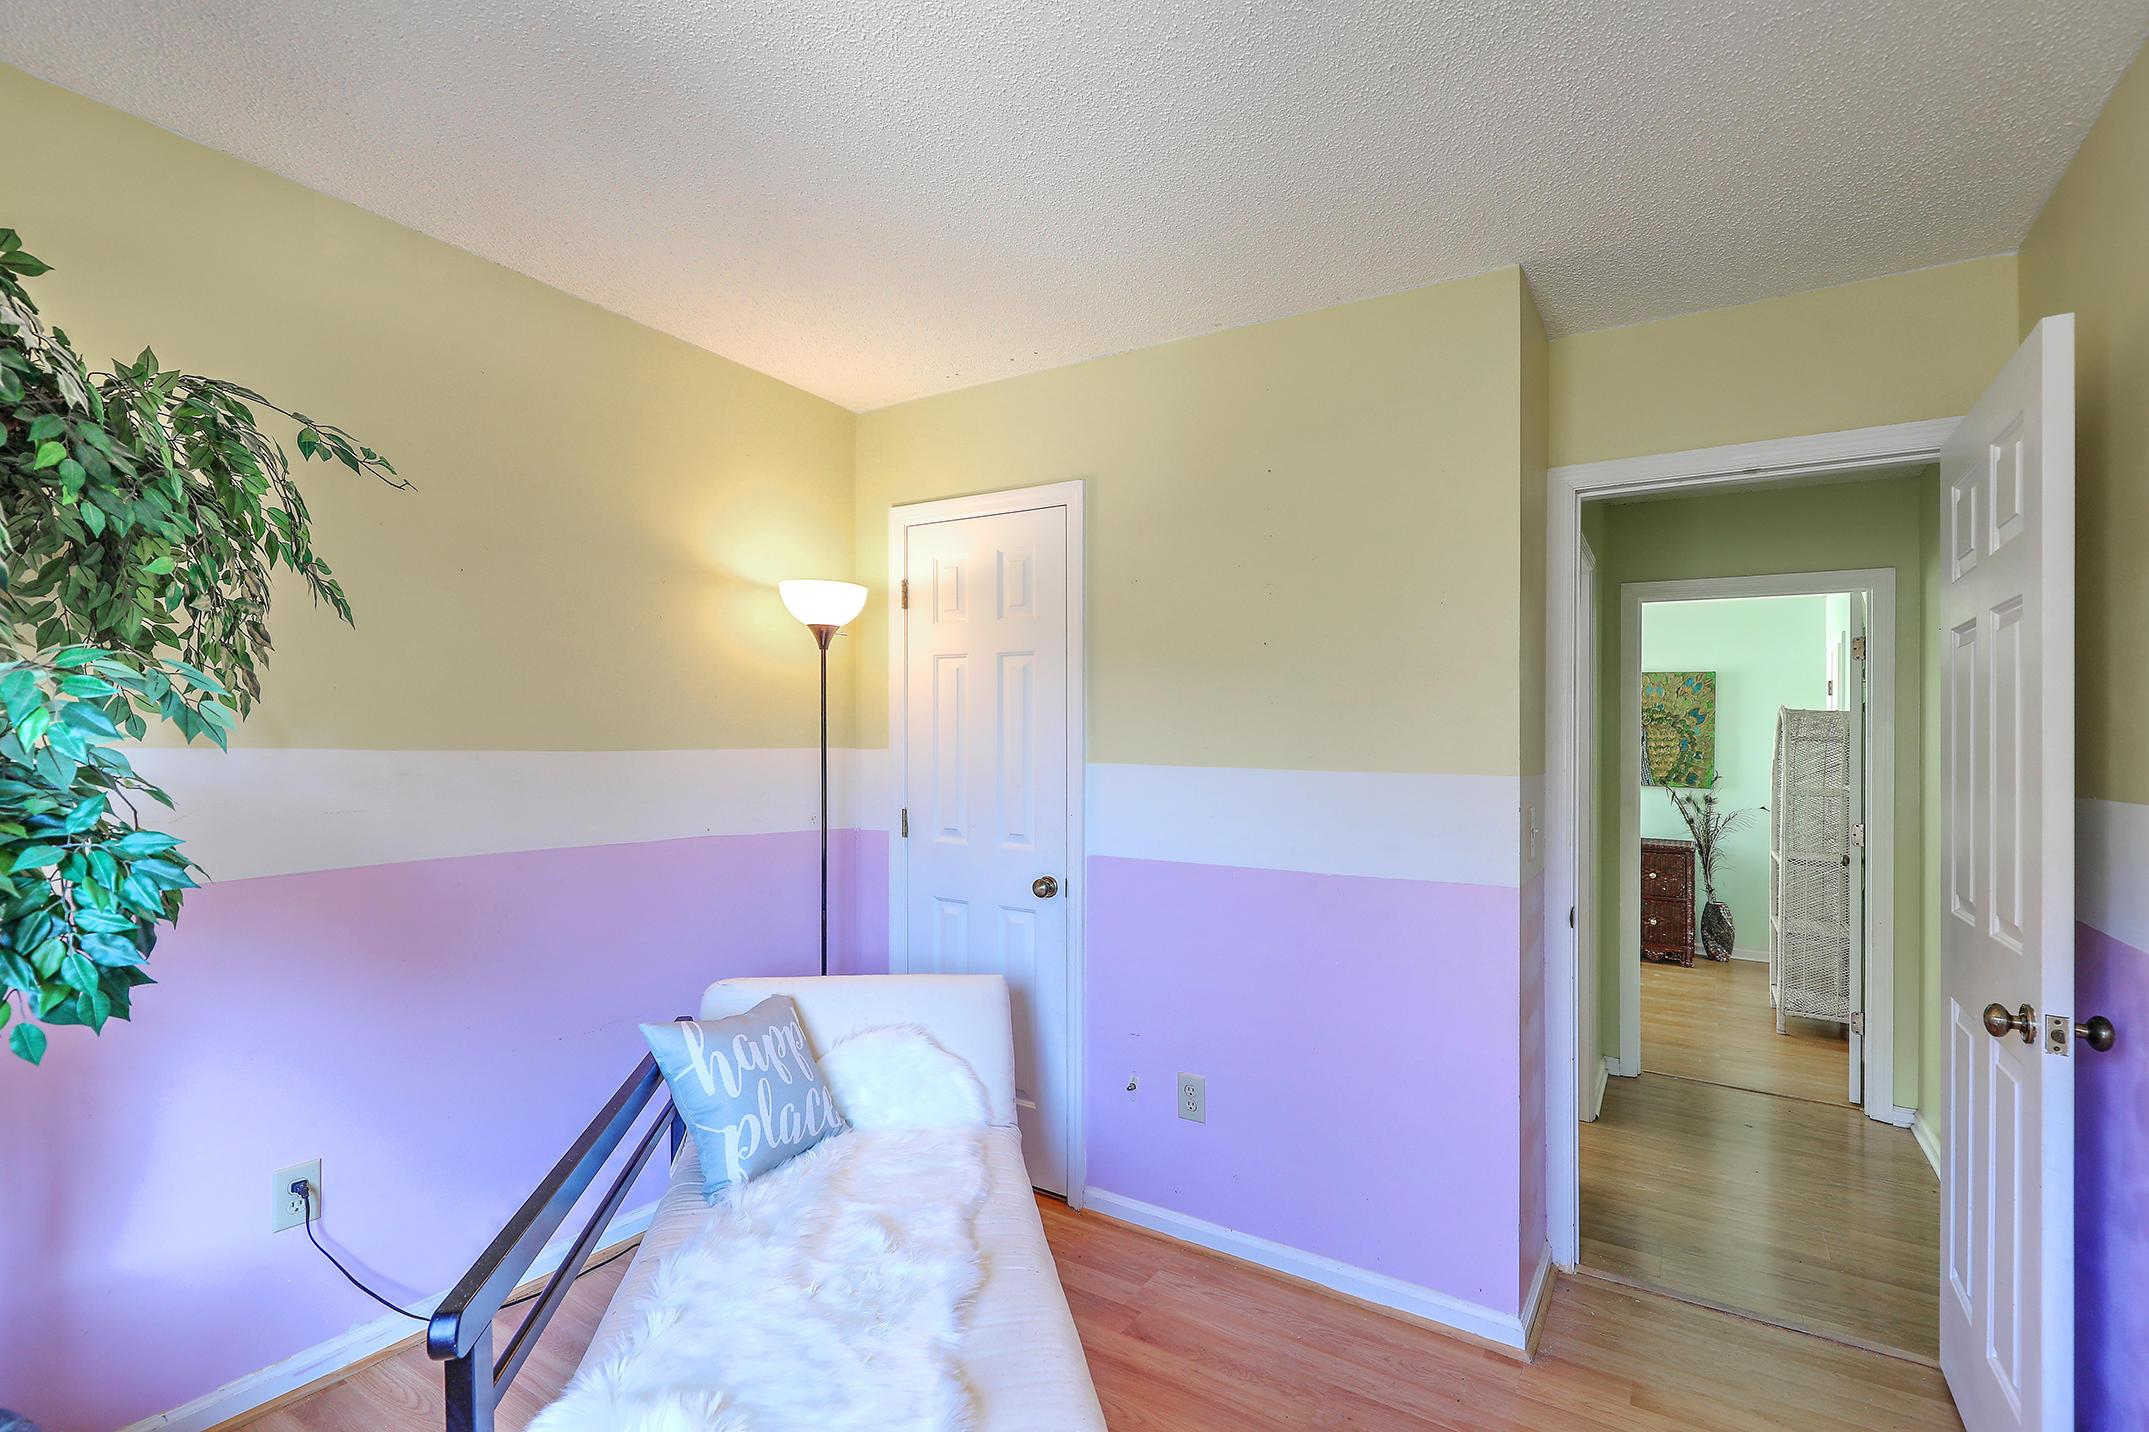 Crichton Parish Homes For Sale - 107 Parish Parc, Summerville, SC - 20